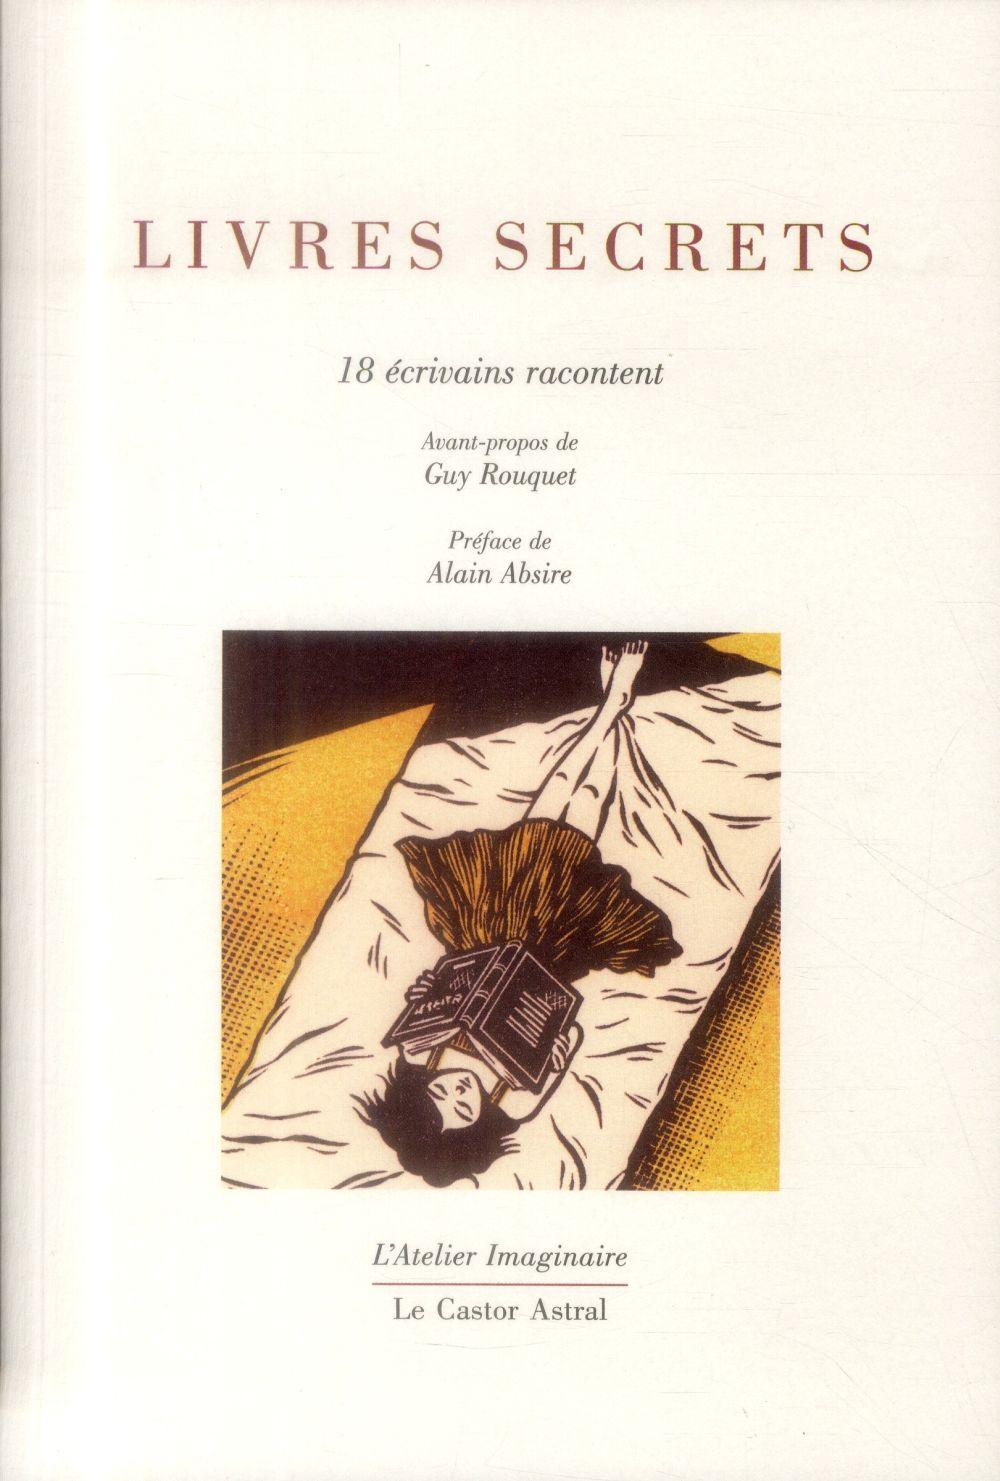 LIVRES SECRETS 18 ECRIVAINS RACONTENT